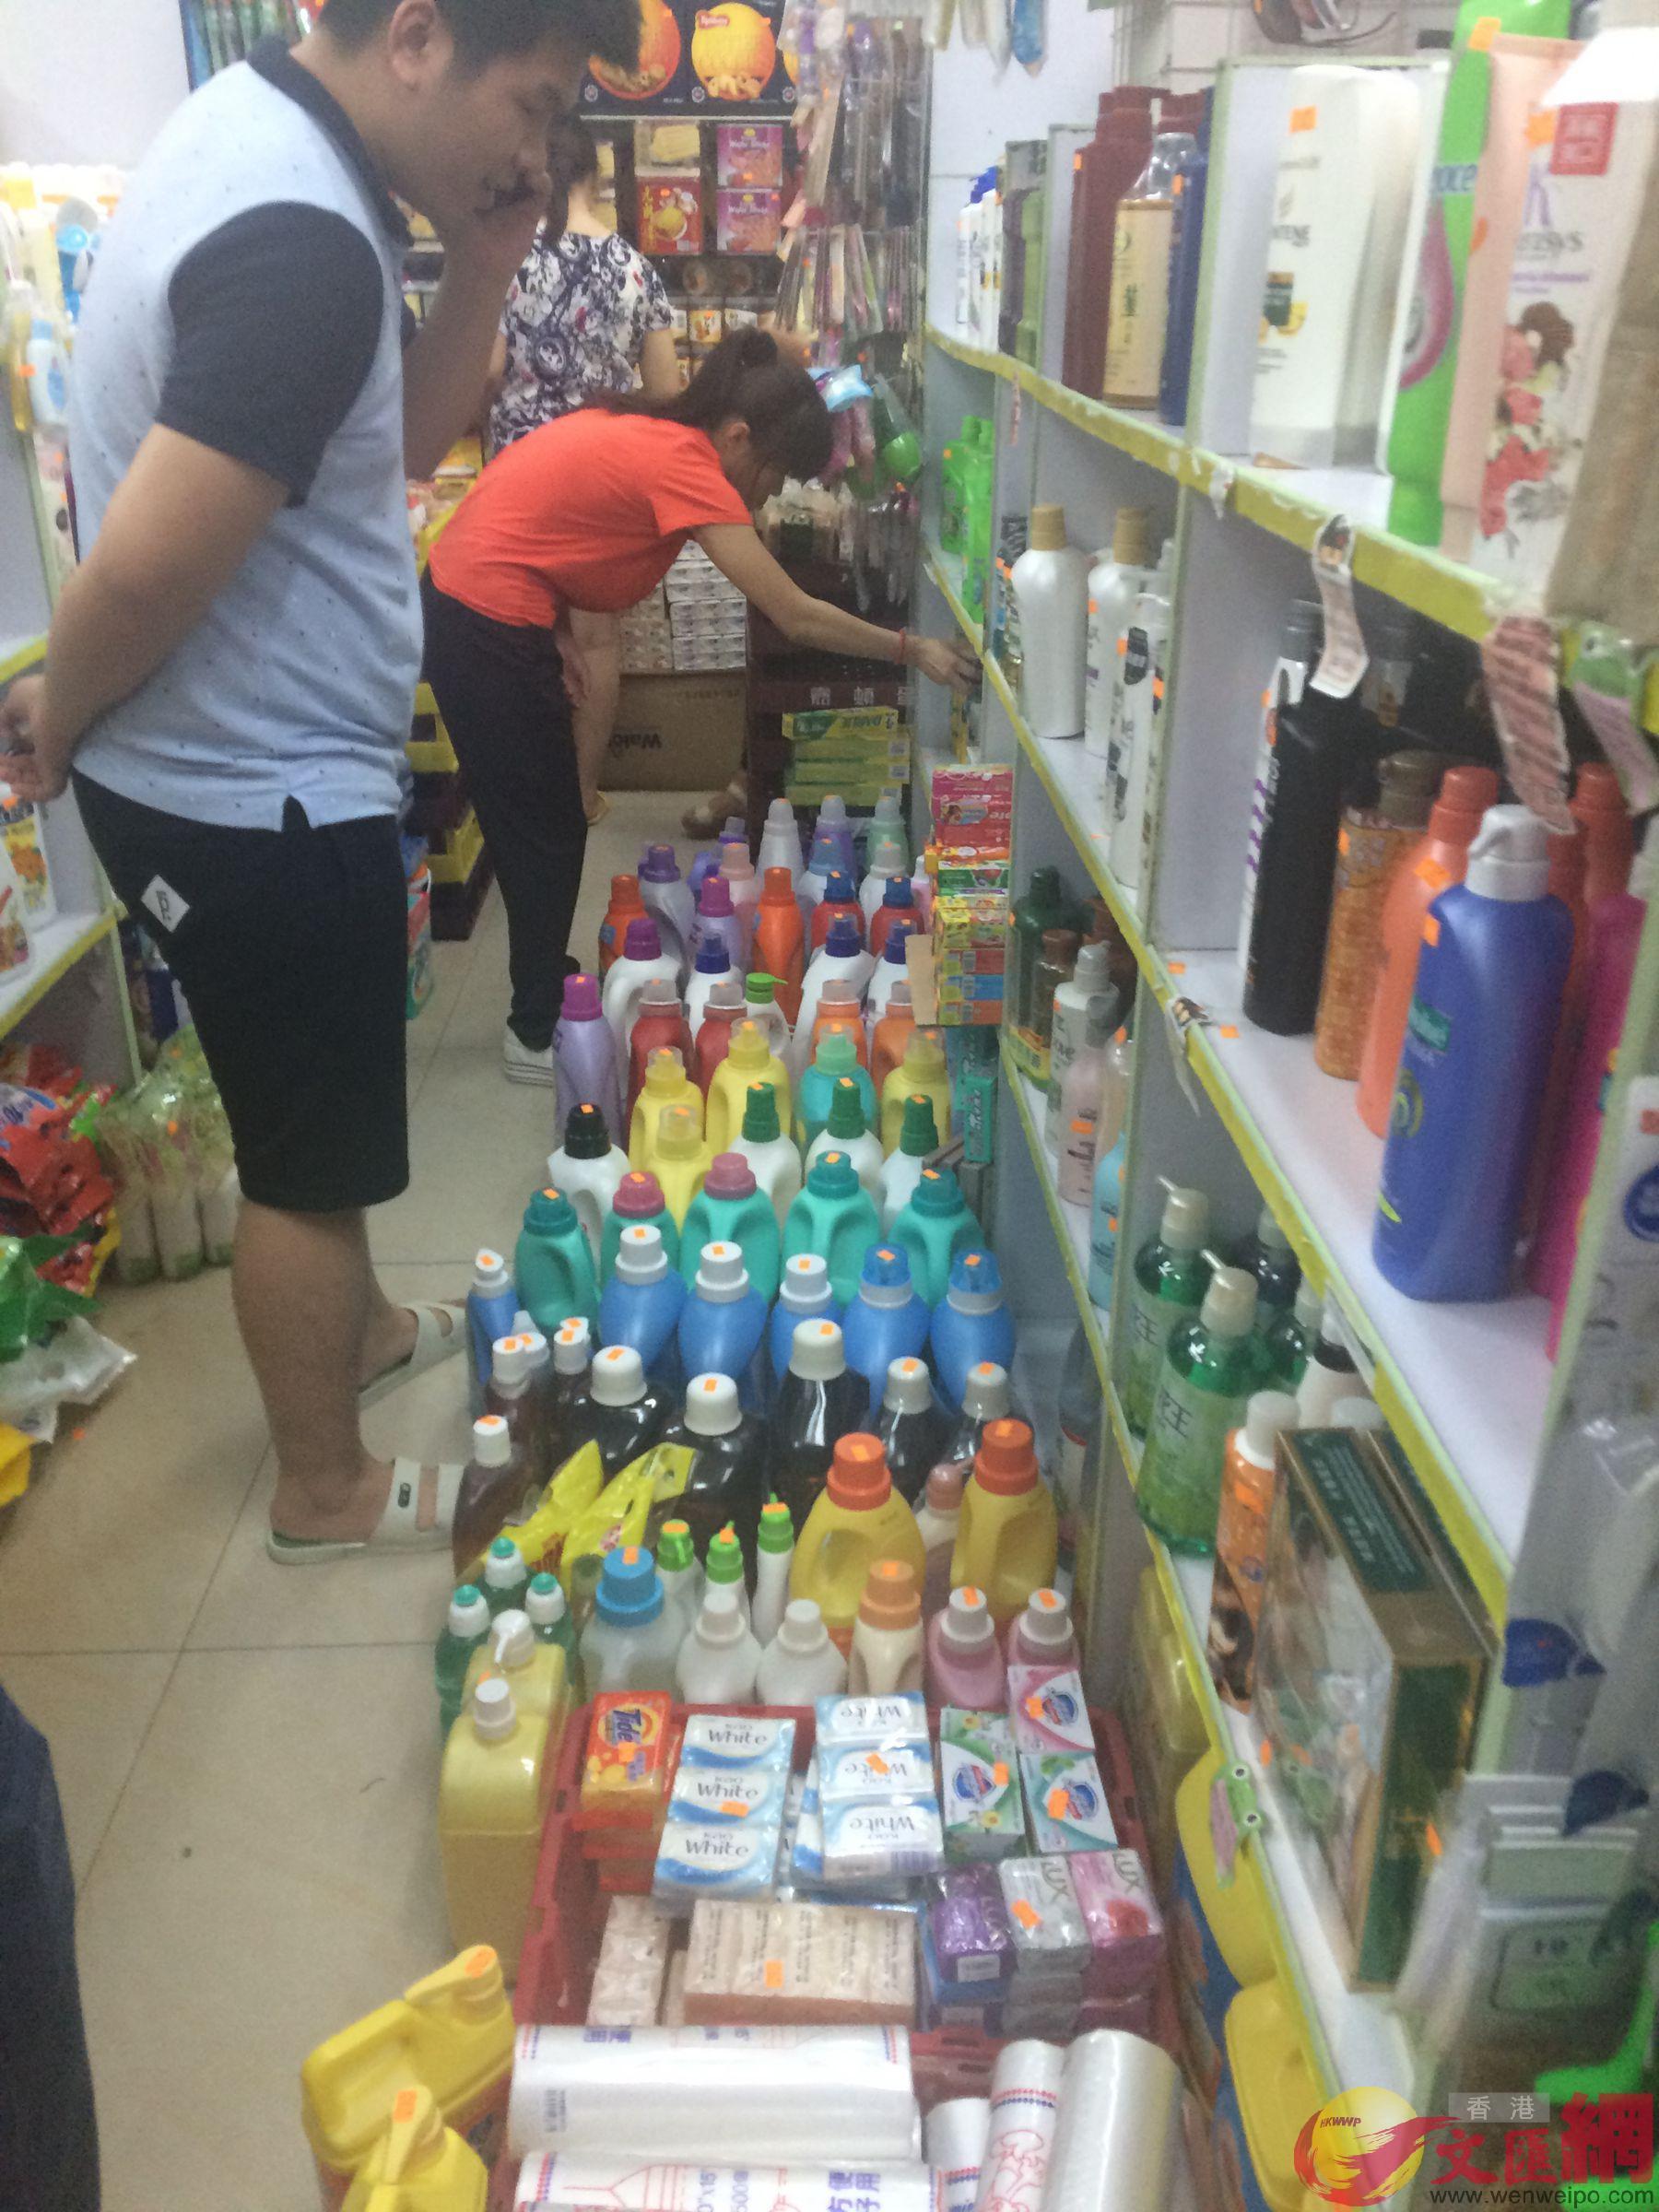 嬰幼兒產品零關稅 港貨店表示影響不大